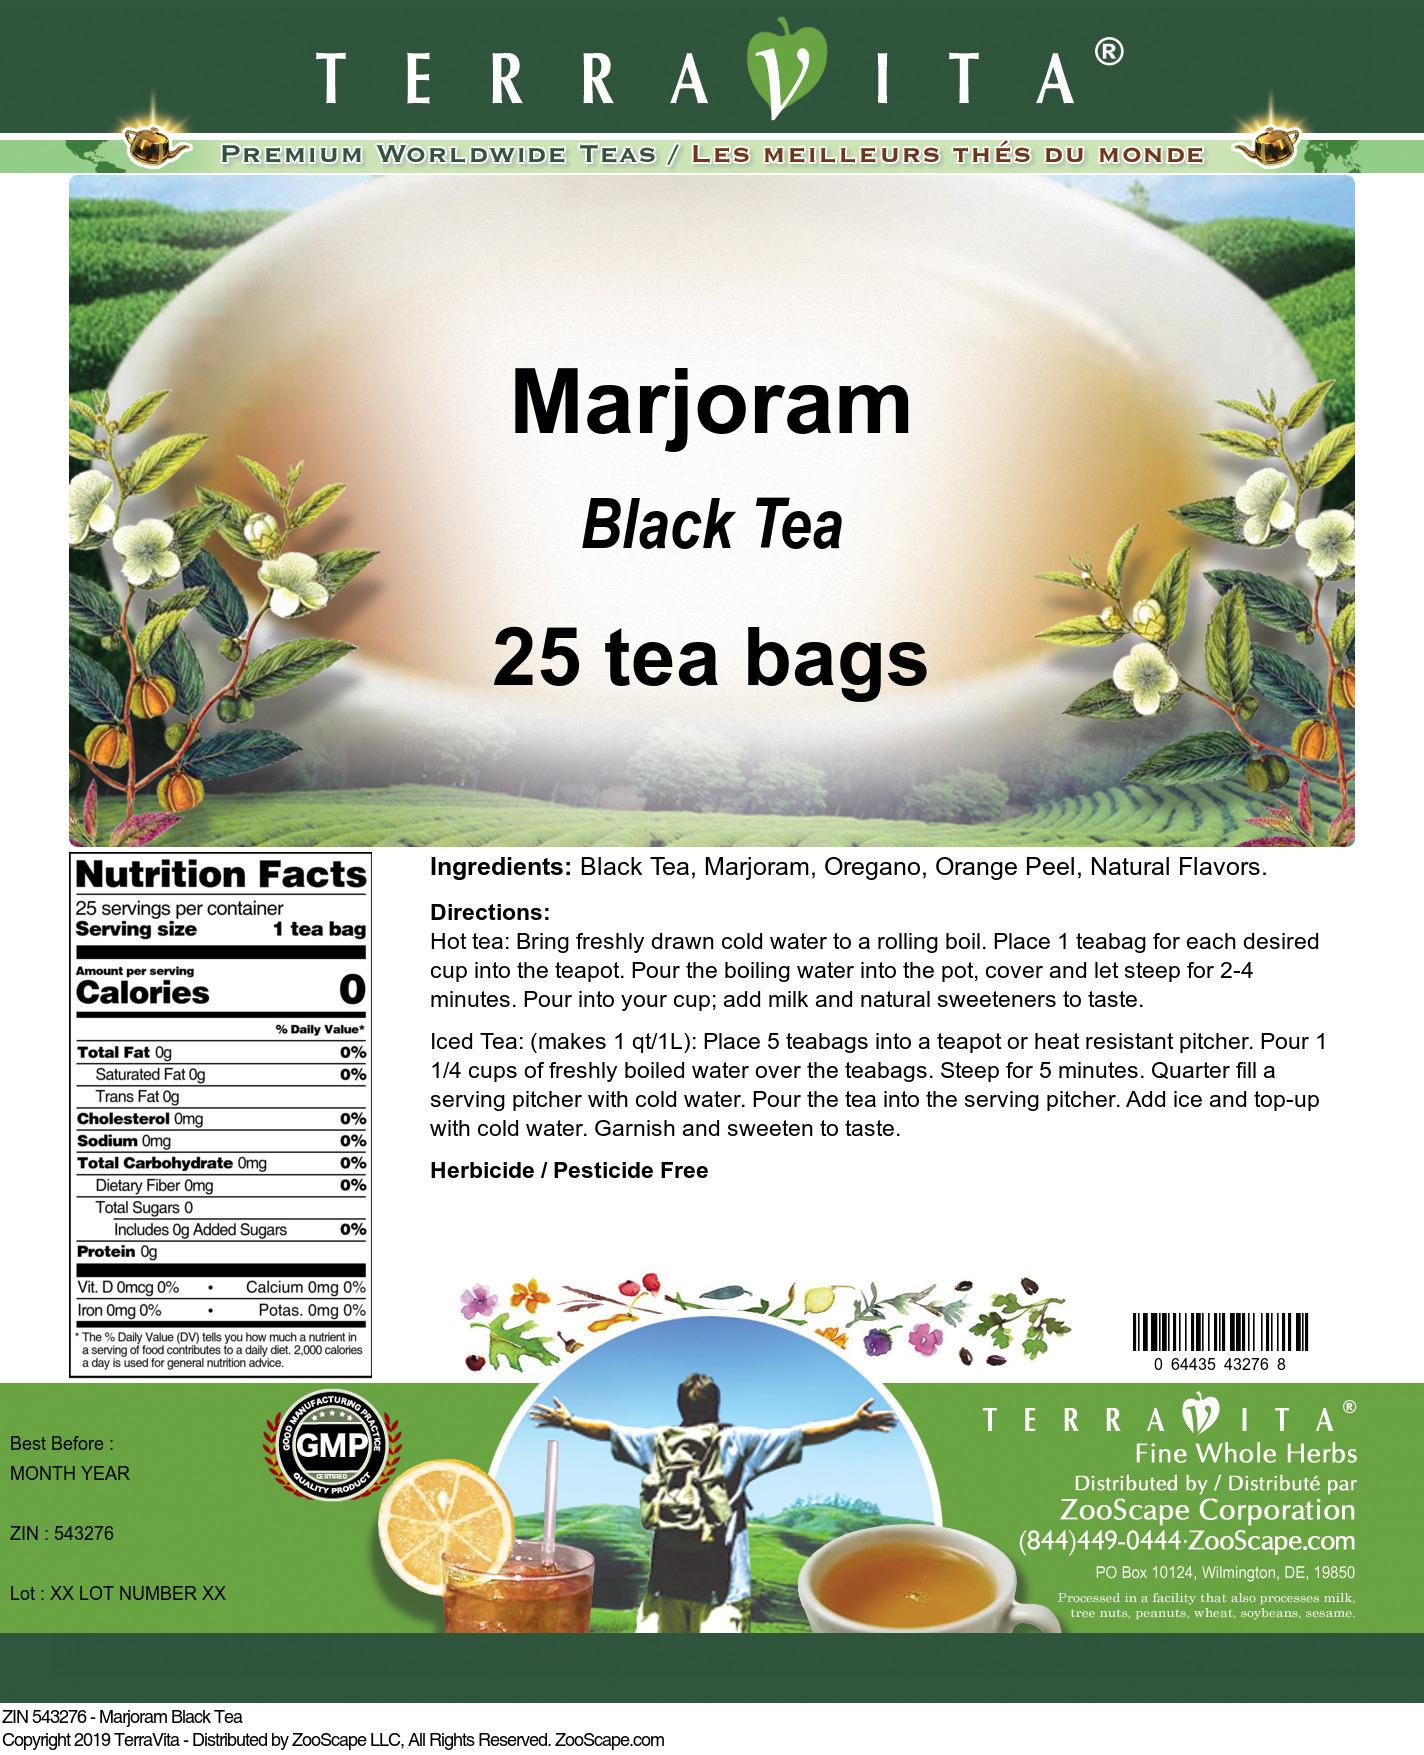 Marjoram Black Tea